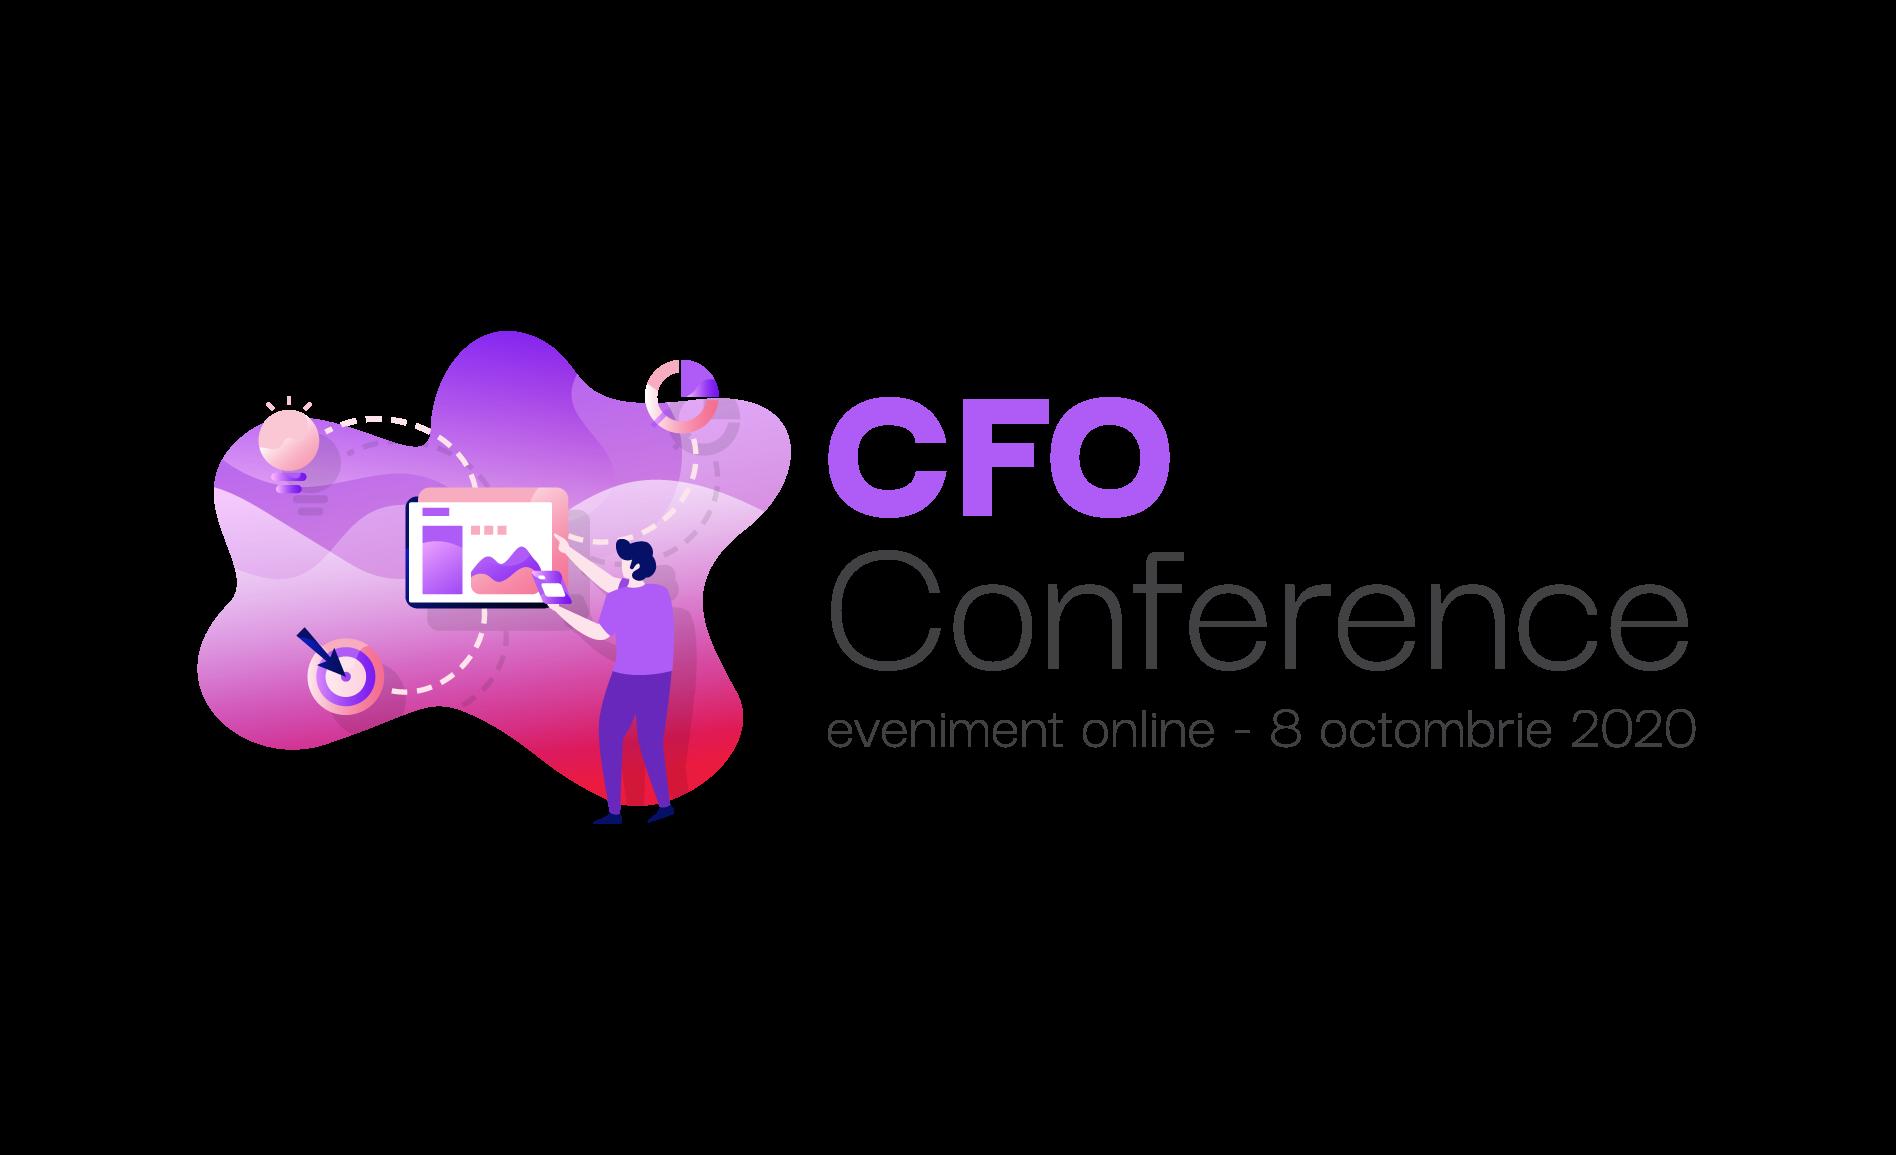 """Săptămâna aceasta aveți întâlnire online la prima ediție a """"CFO Conference"""""""